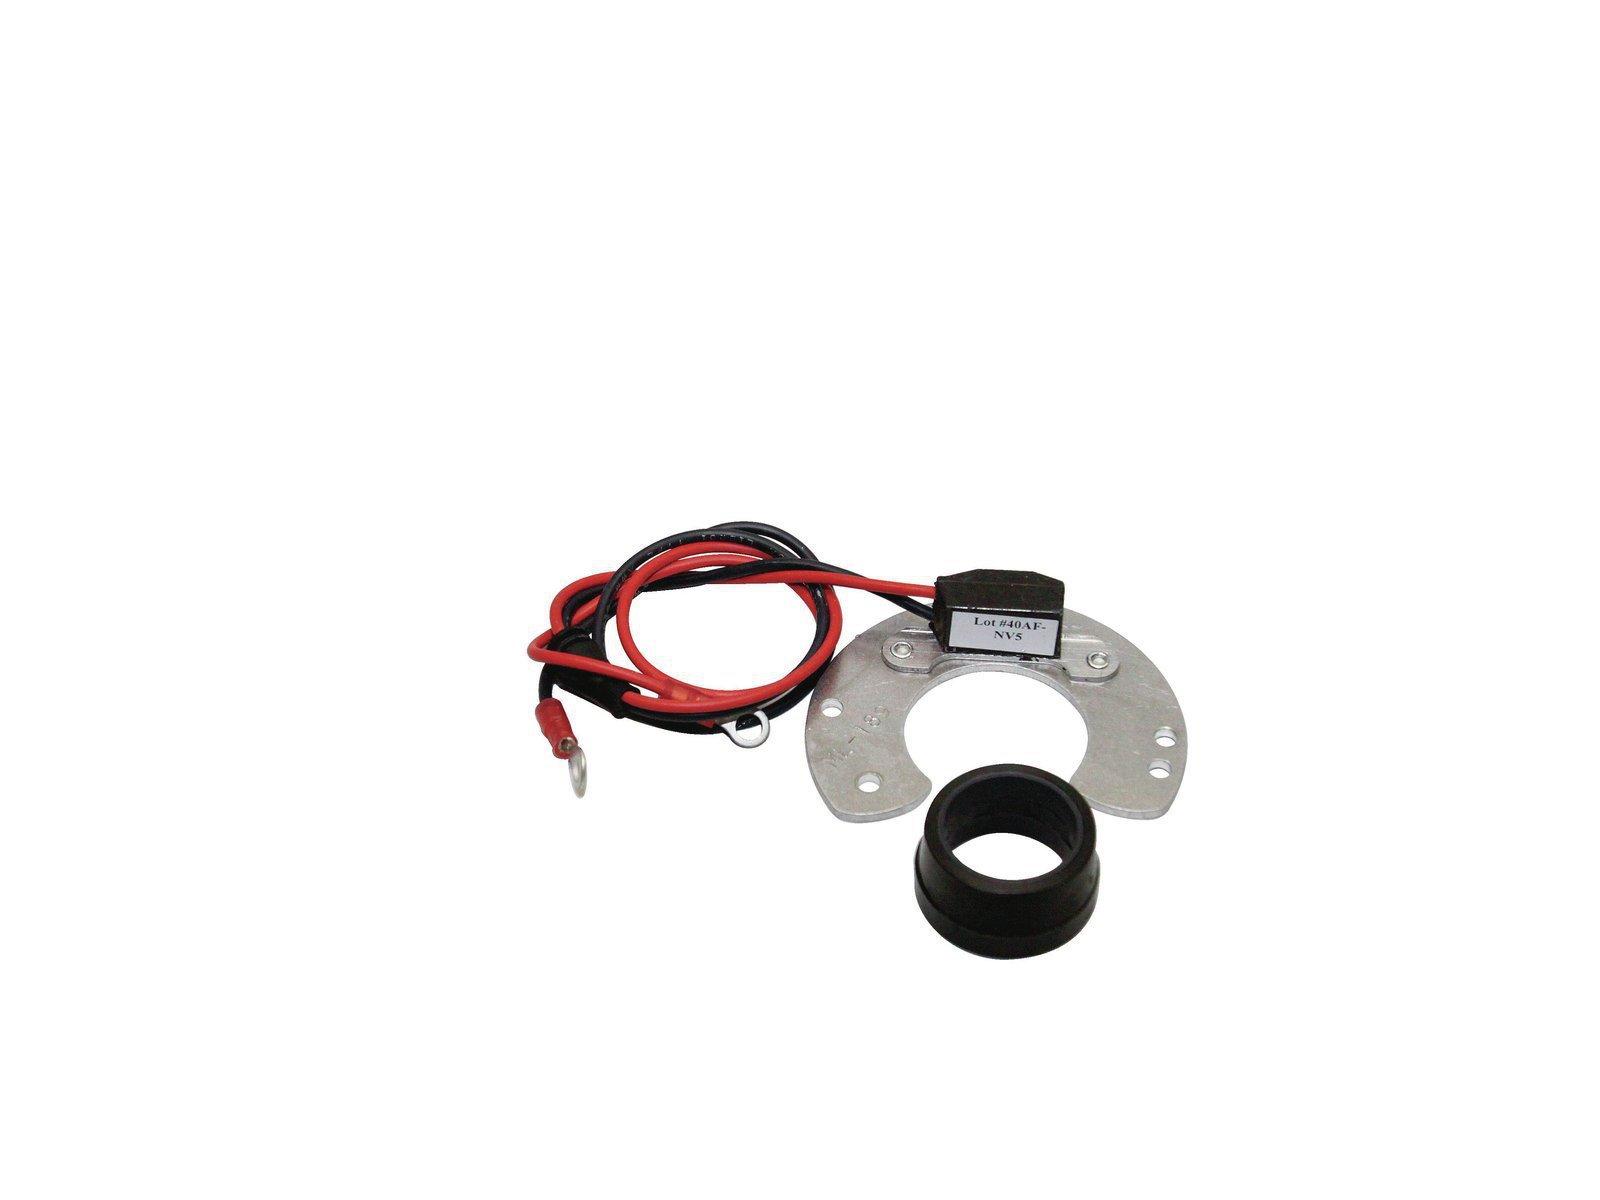 Schema Elettrico Per Accensione Elettronica Fiat 126 : Accensione elettronica per auto